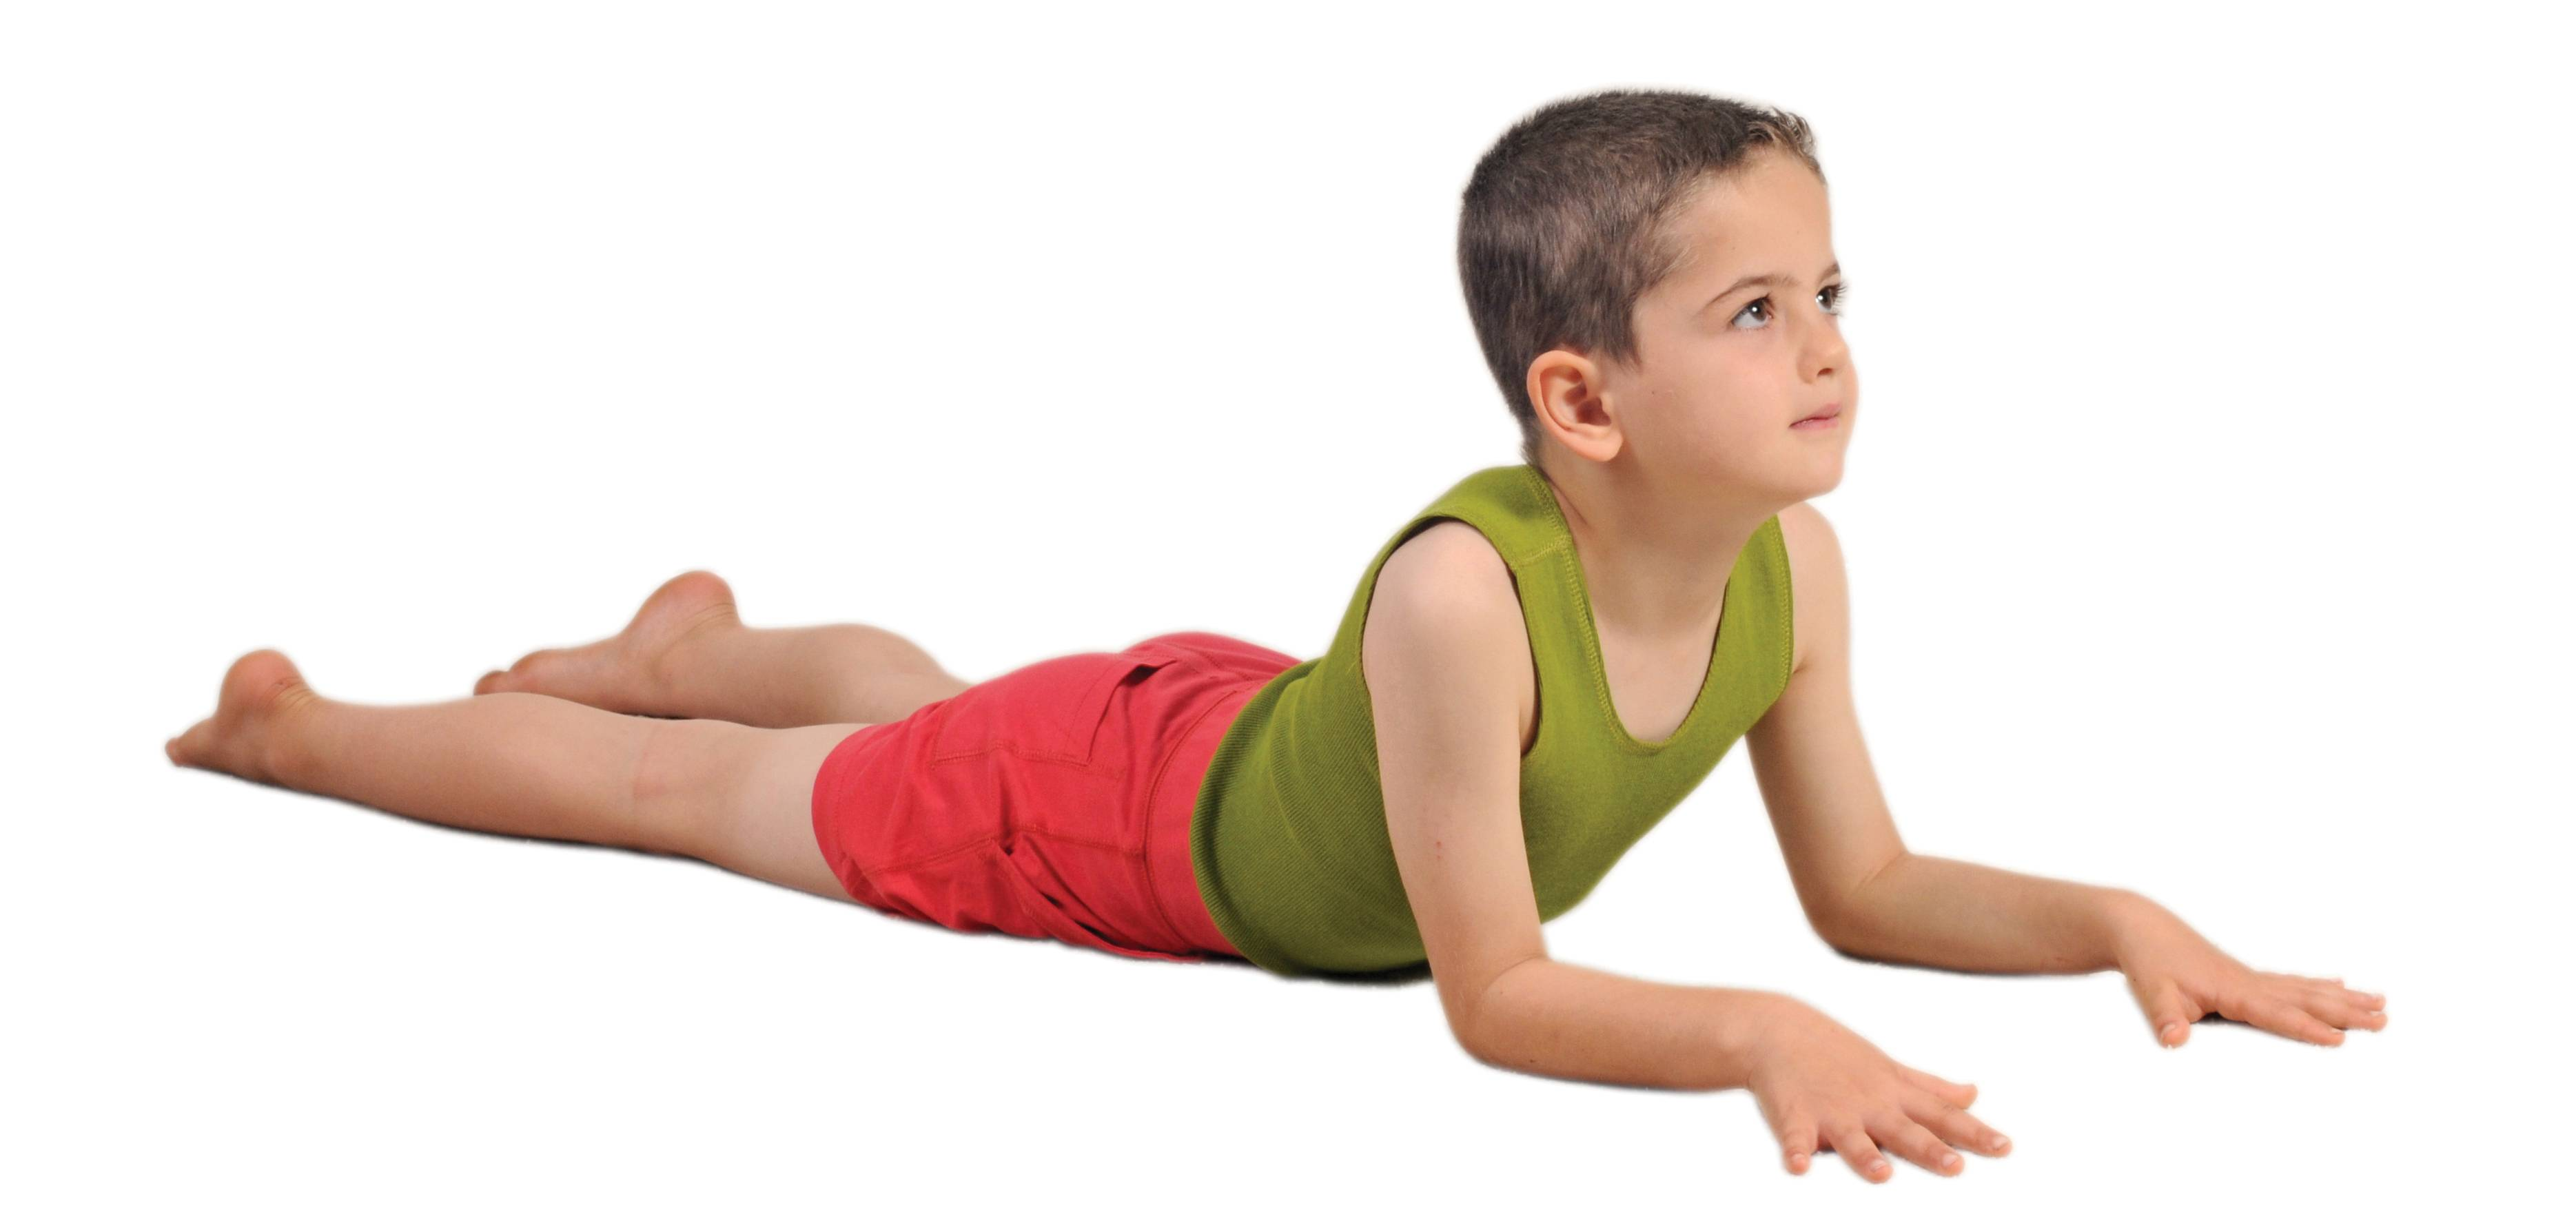 Йога для осанки: как выровнять спину с помощью упражнений?